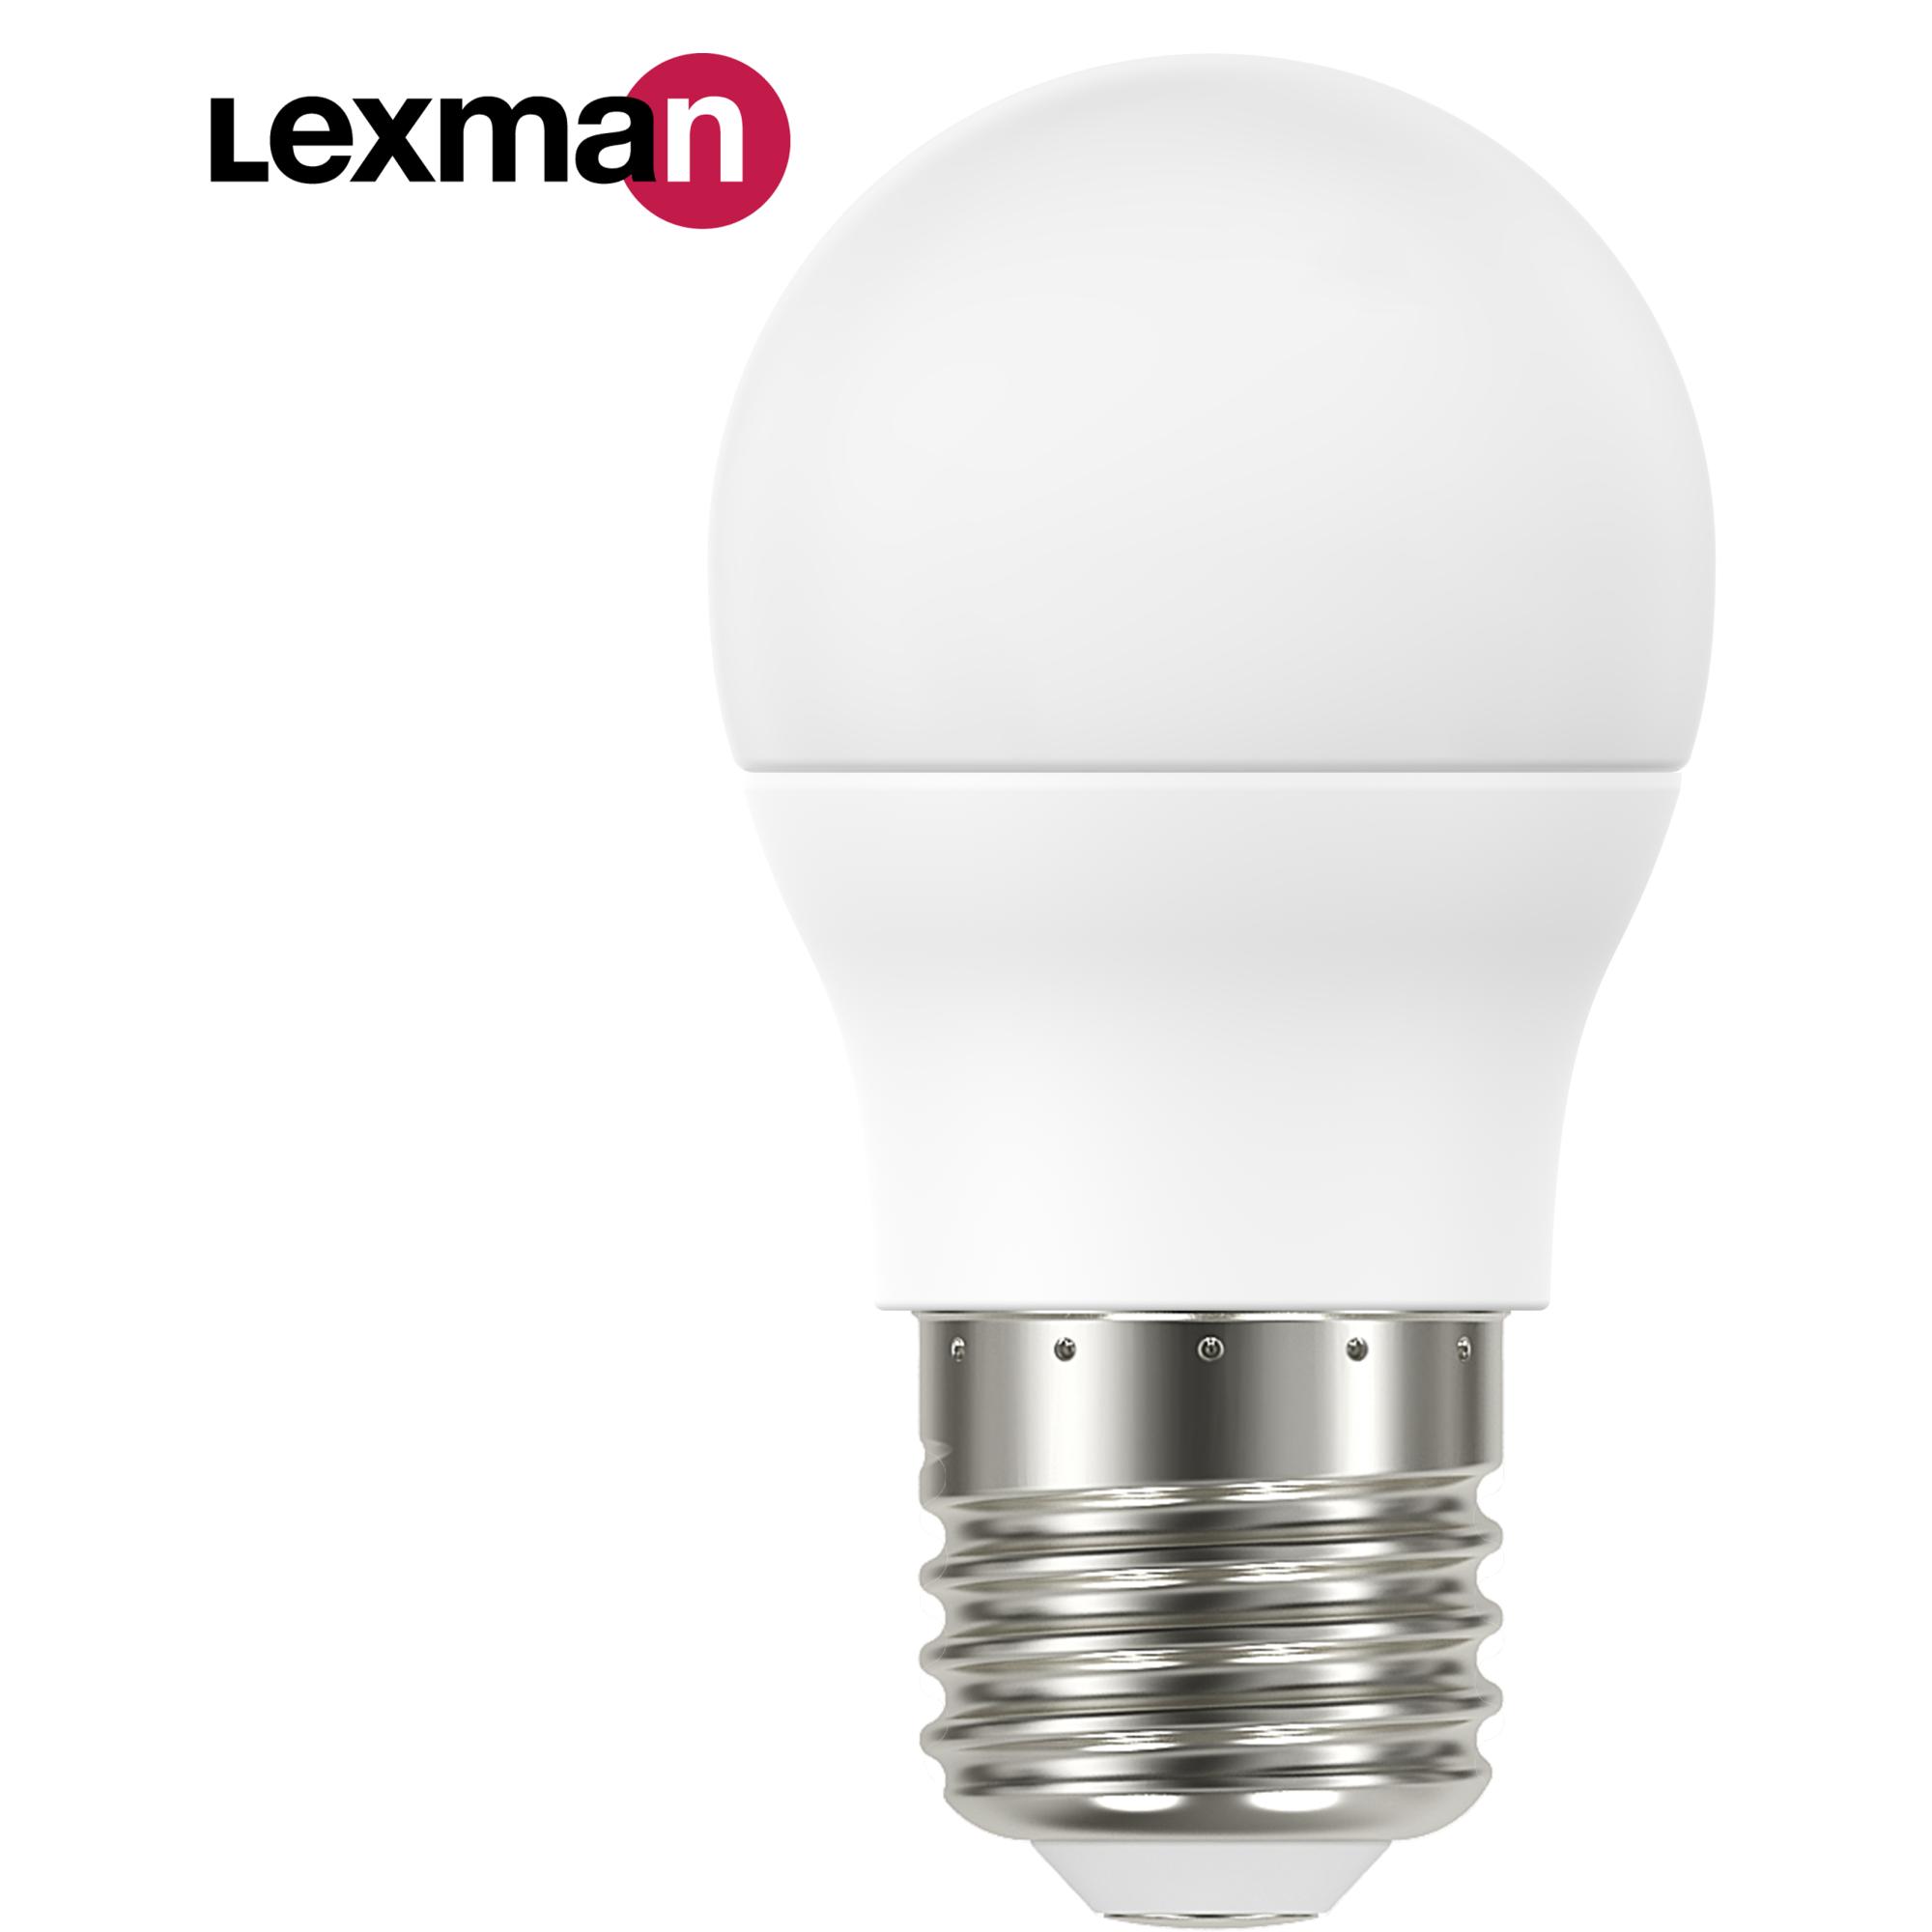 Лампа светодиодная Lexman E27 220 В 6.6 Вт шар матовая 806 лм белый свет